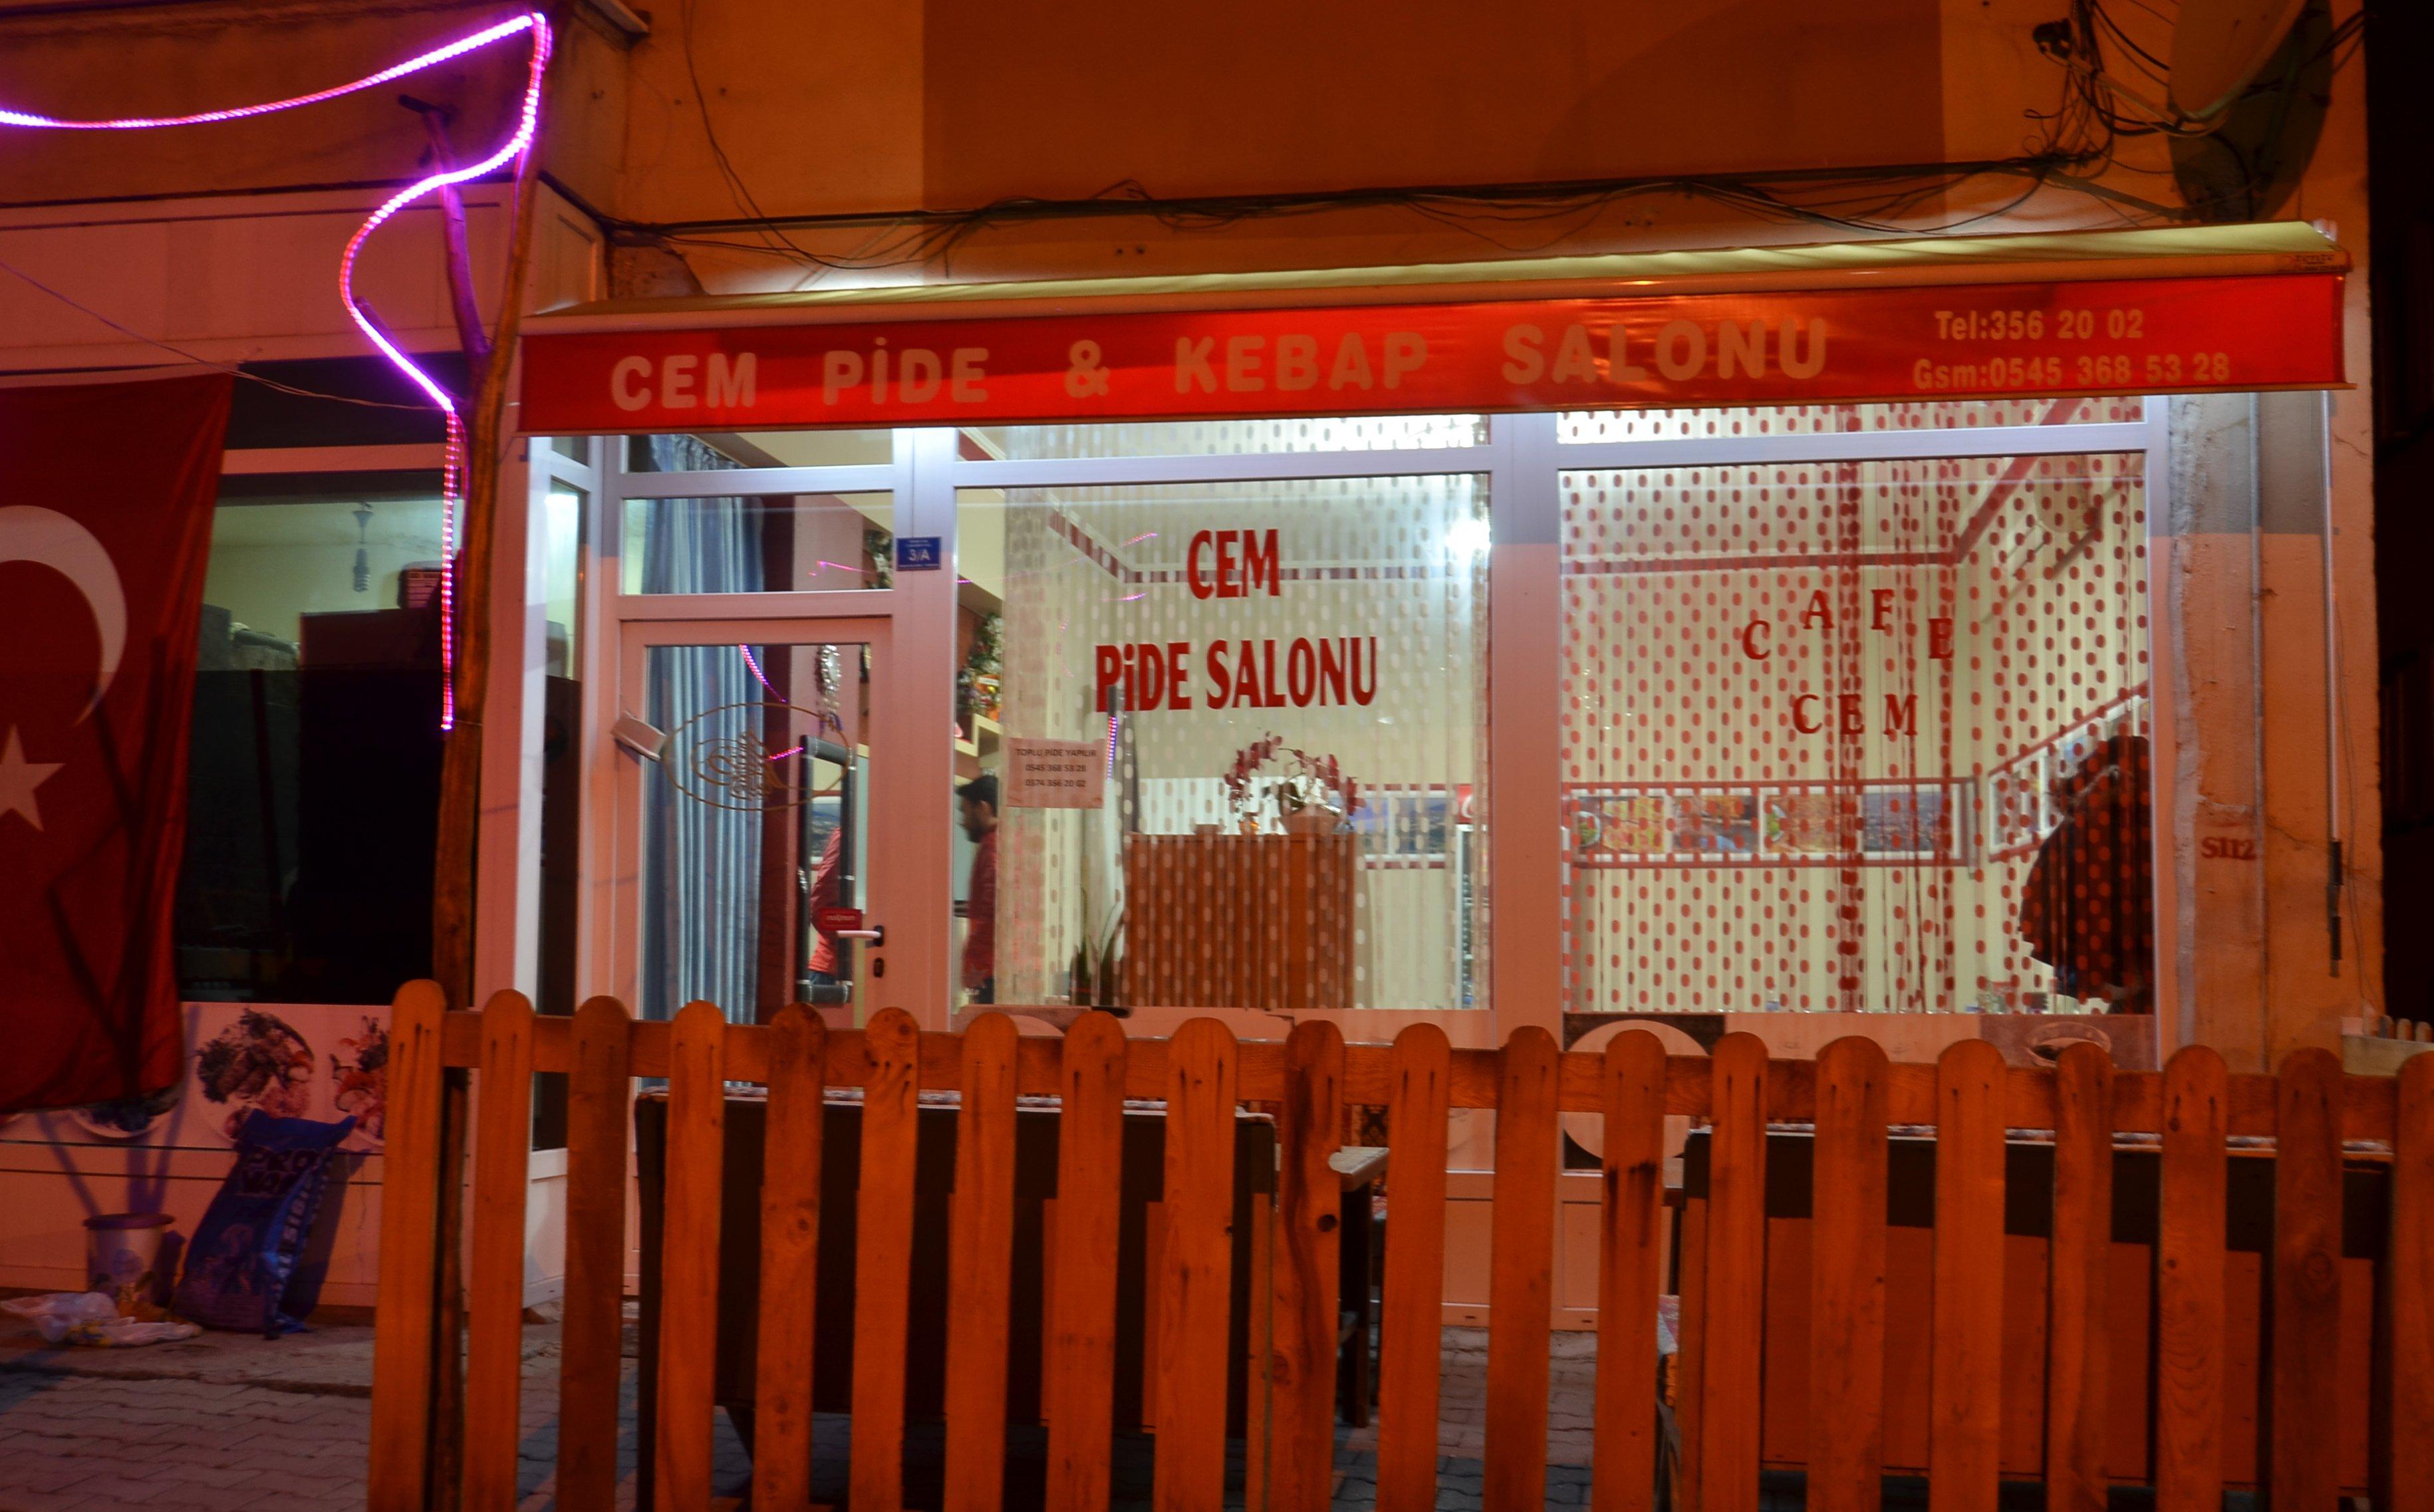 Cem pide Restoran hizmetinizde siparişlerinizi bekliyor